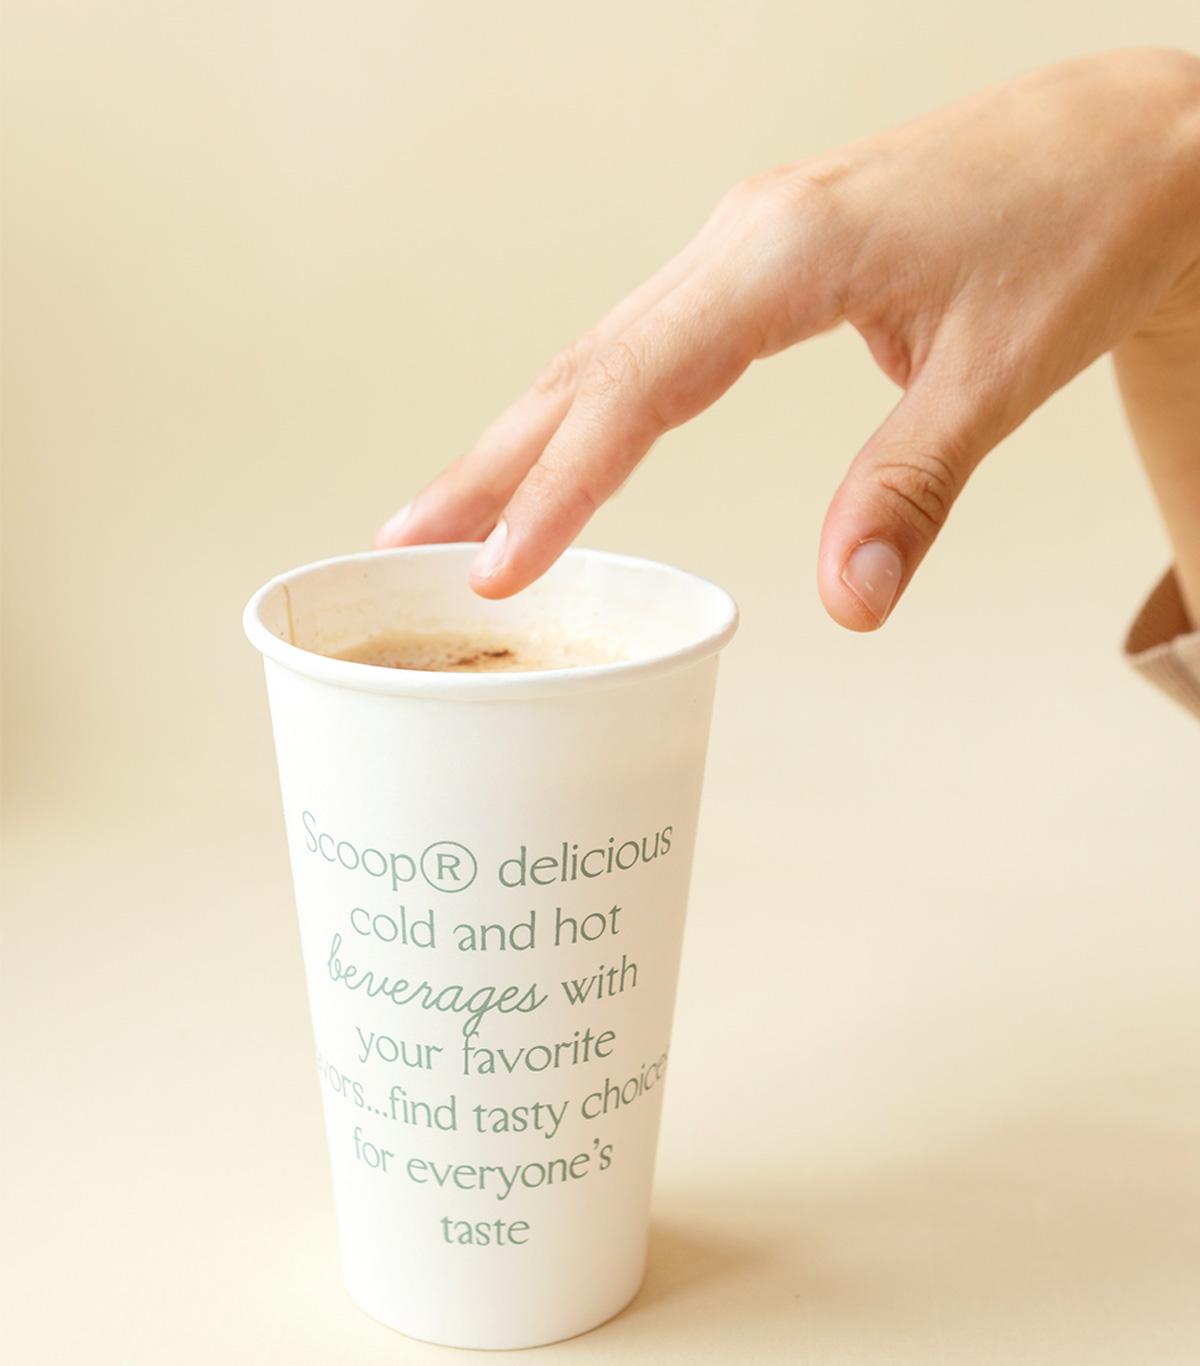 热情红色!咖啡奶昔店品牌VI设计